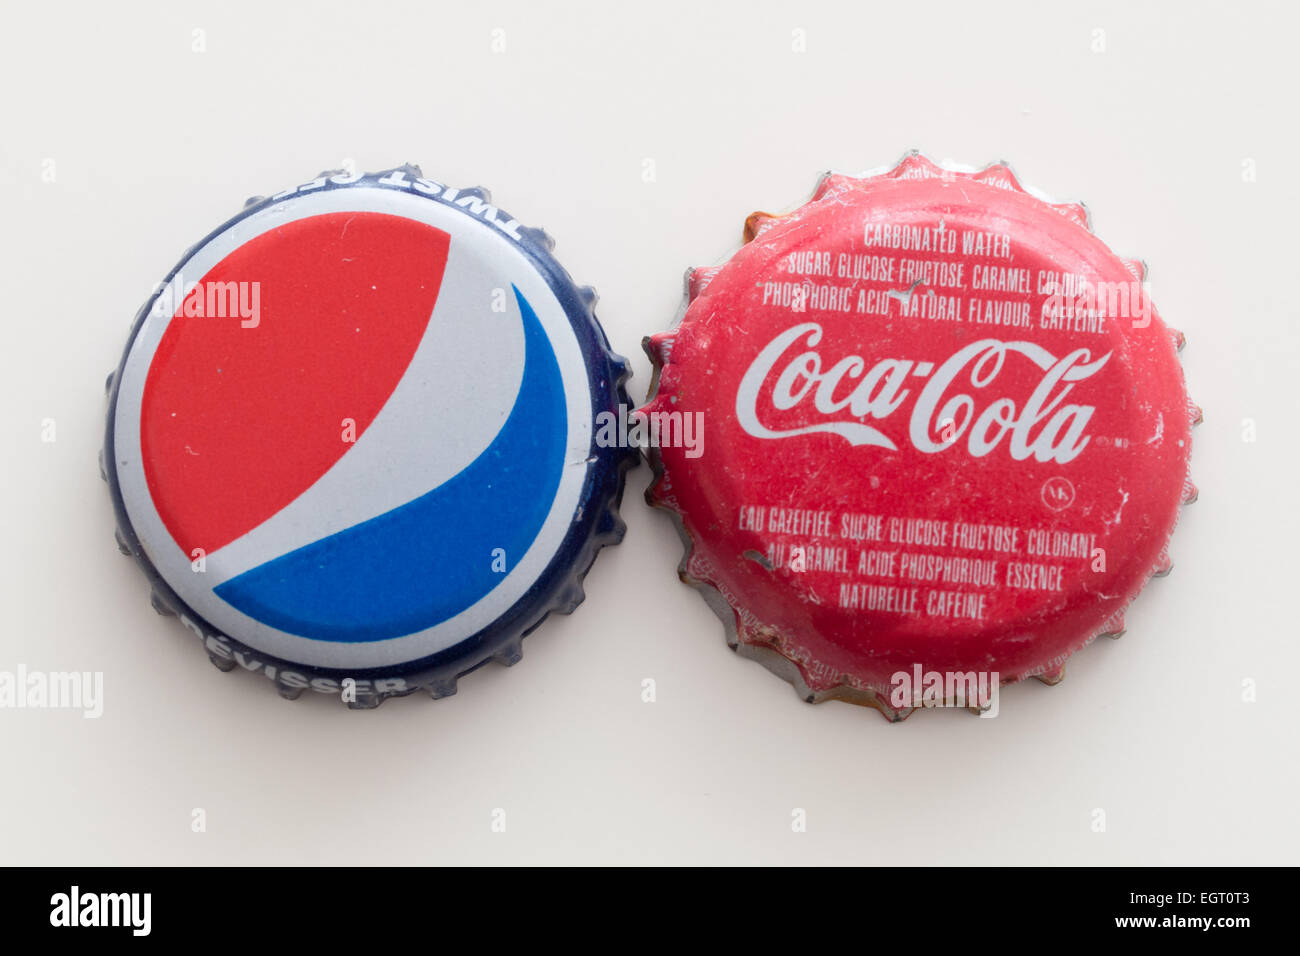 A Pepsi bottle cap and a Coca-Cola bottle cap. - Stock Image